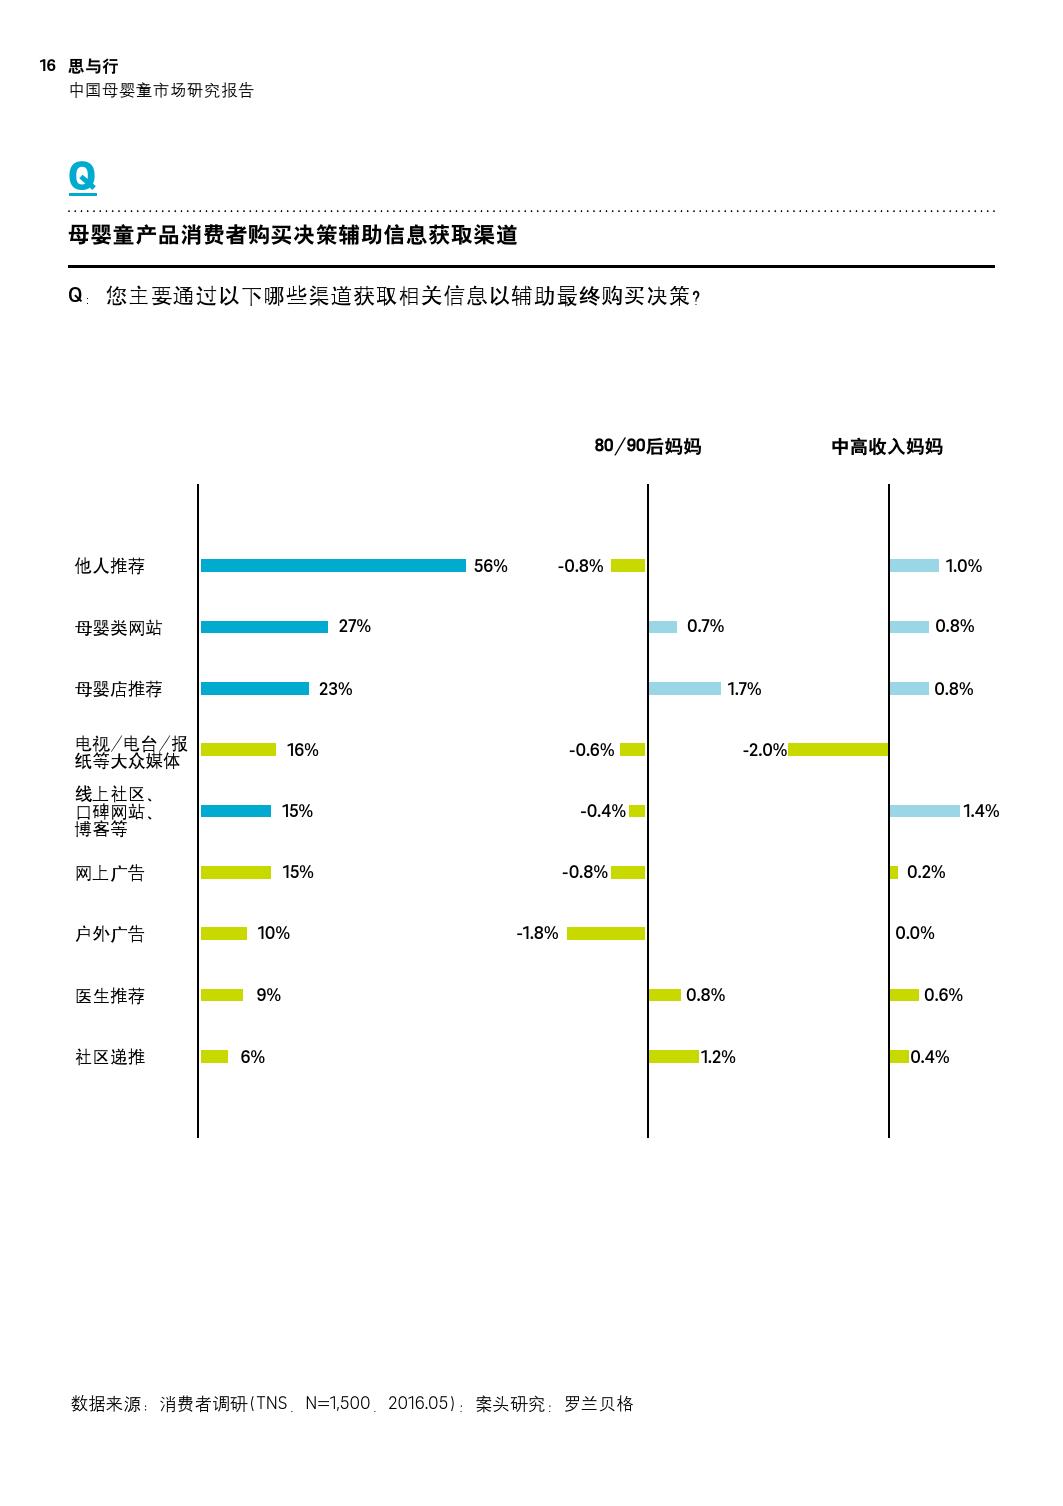 罗兰贝:2016中国母婴童市场研究报告_000016